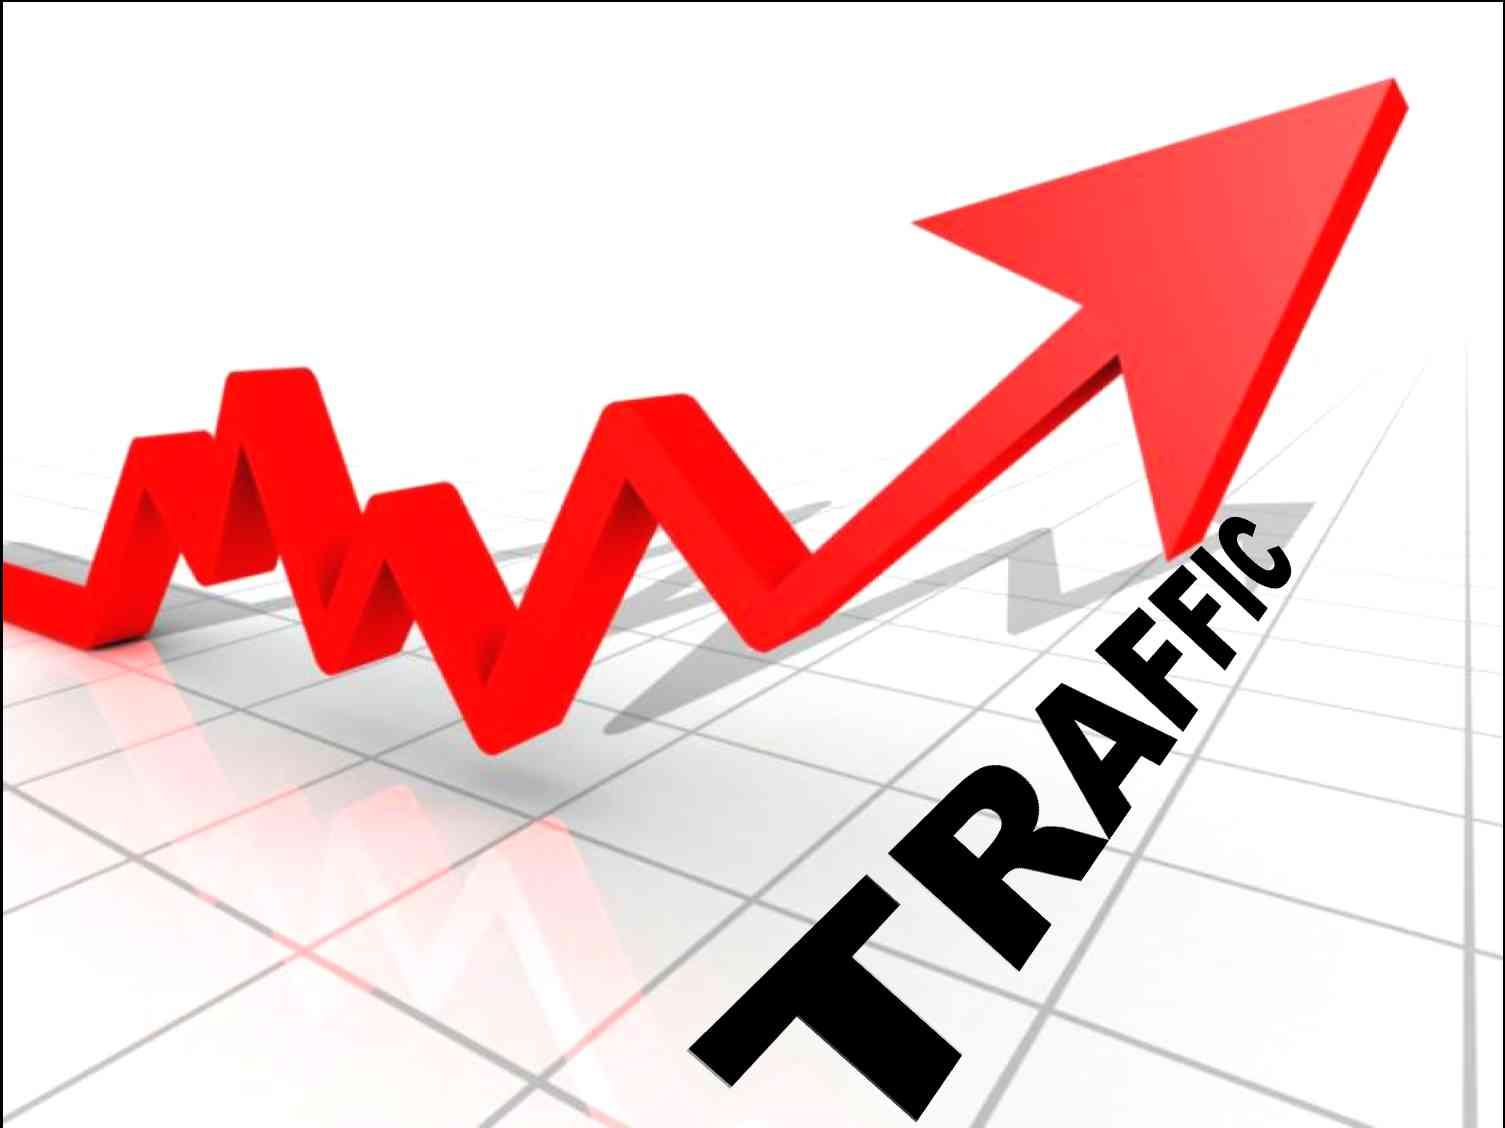 افزایش ترافیک وب سایت- 5 نکته کلیدی در افزایش آمار سایت